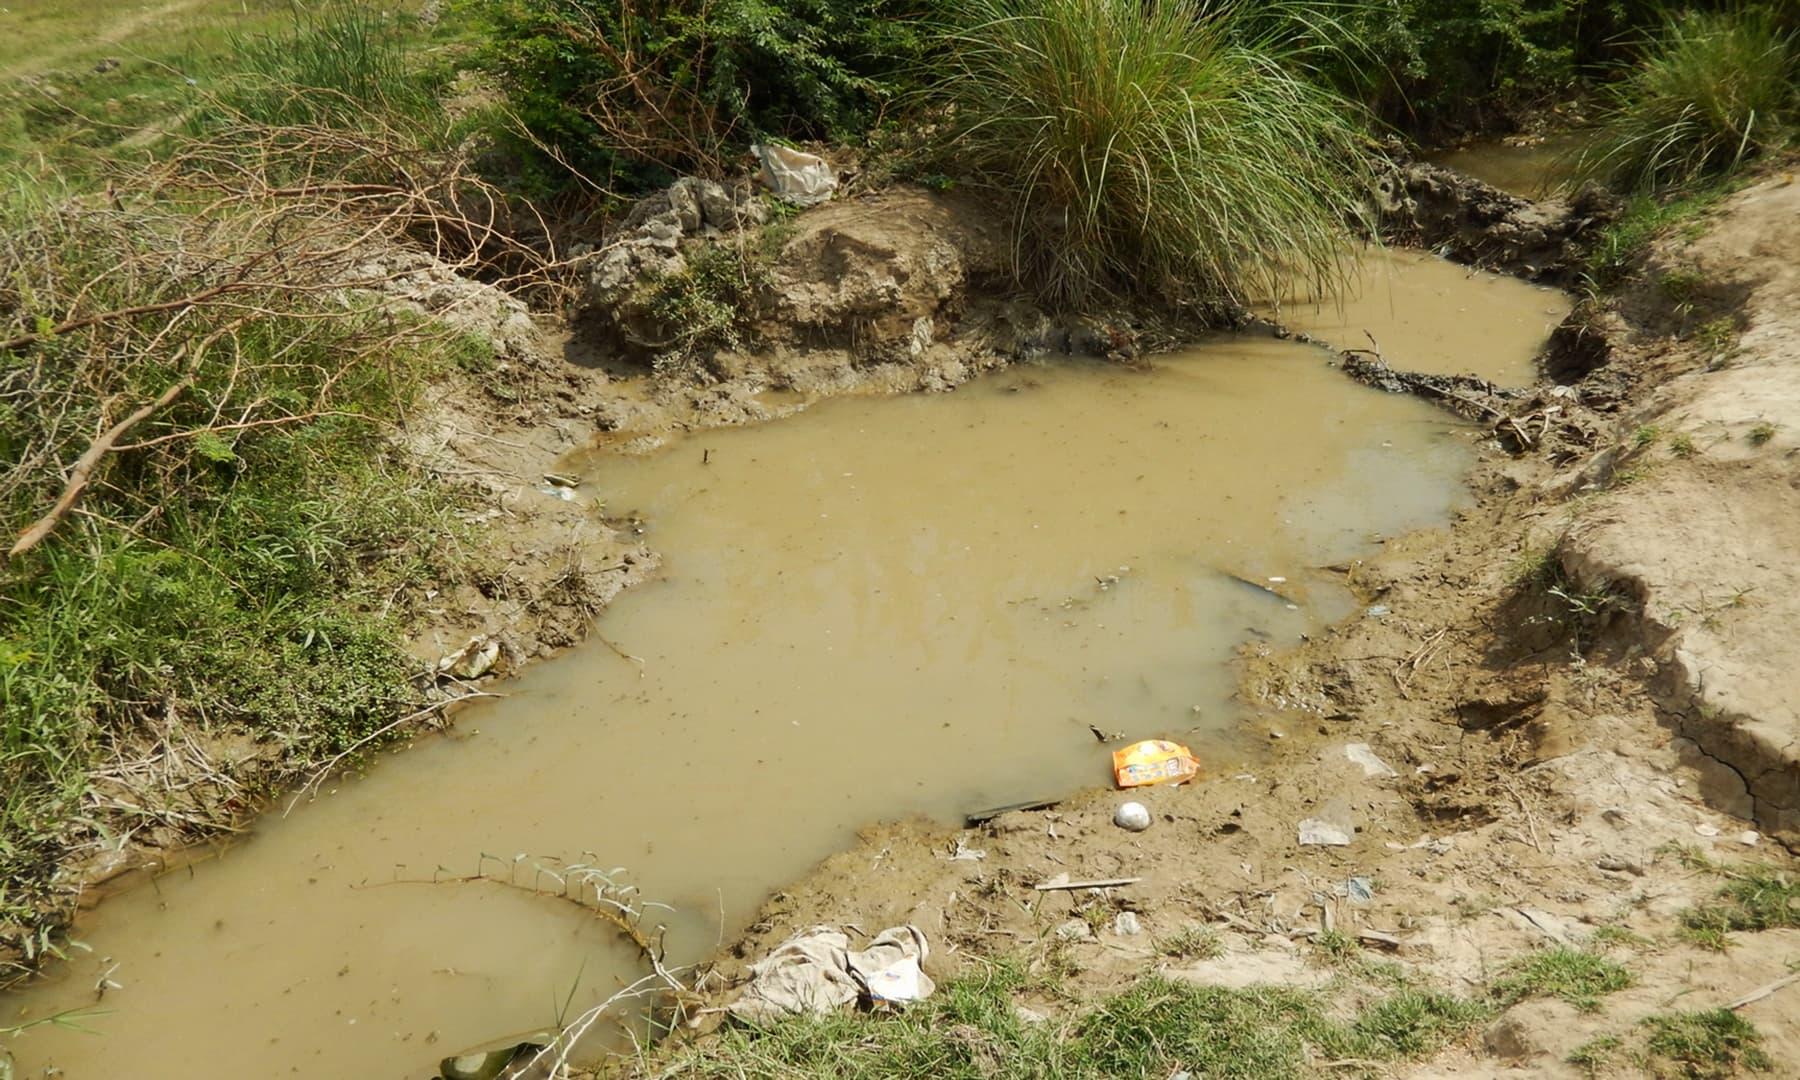 5 ماہ بعد نہر میں آنے والا پانی — تصویر ابوبکر شیخ